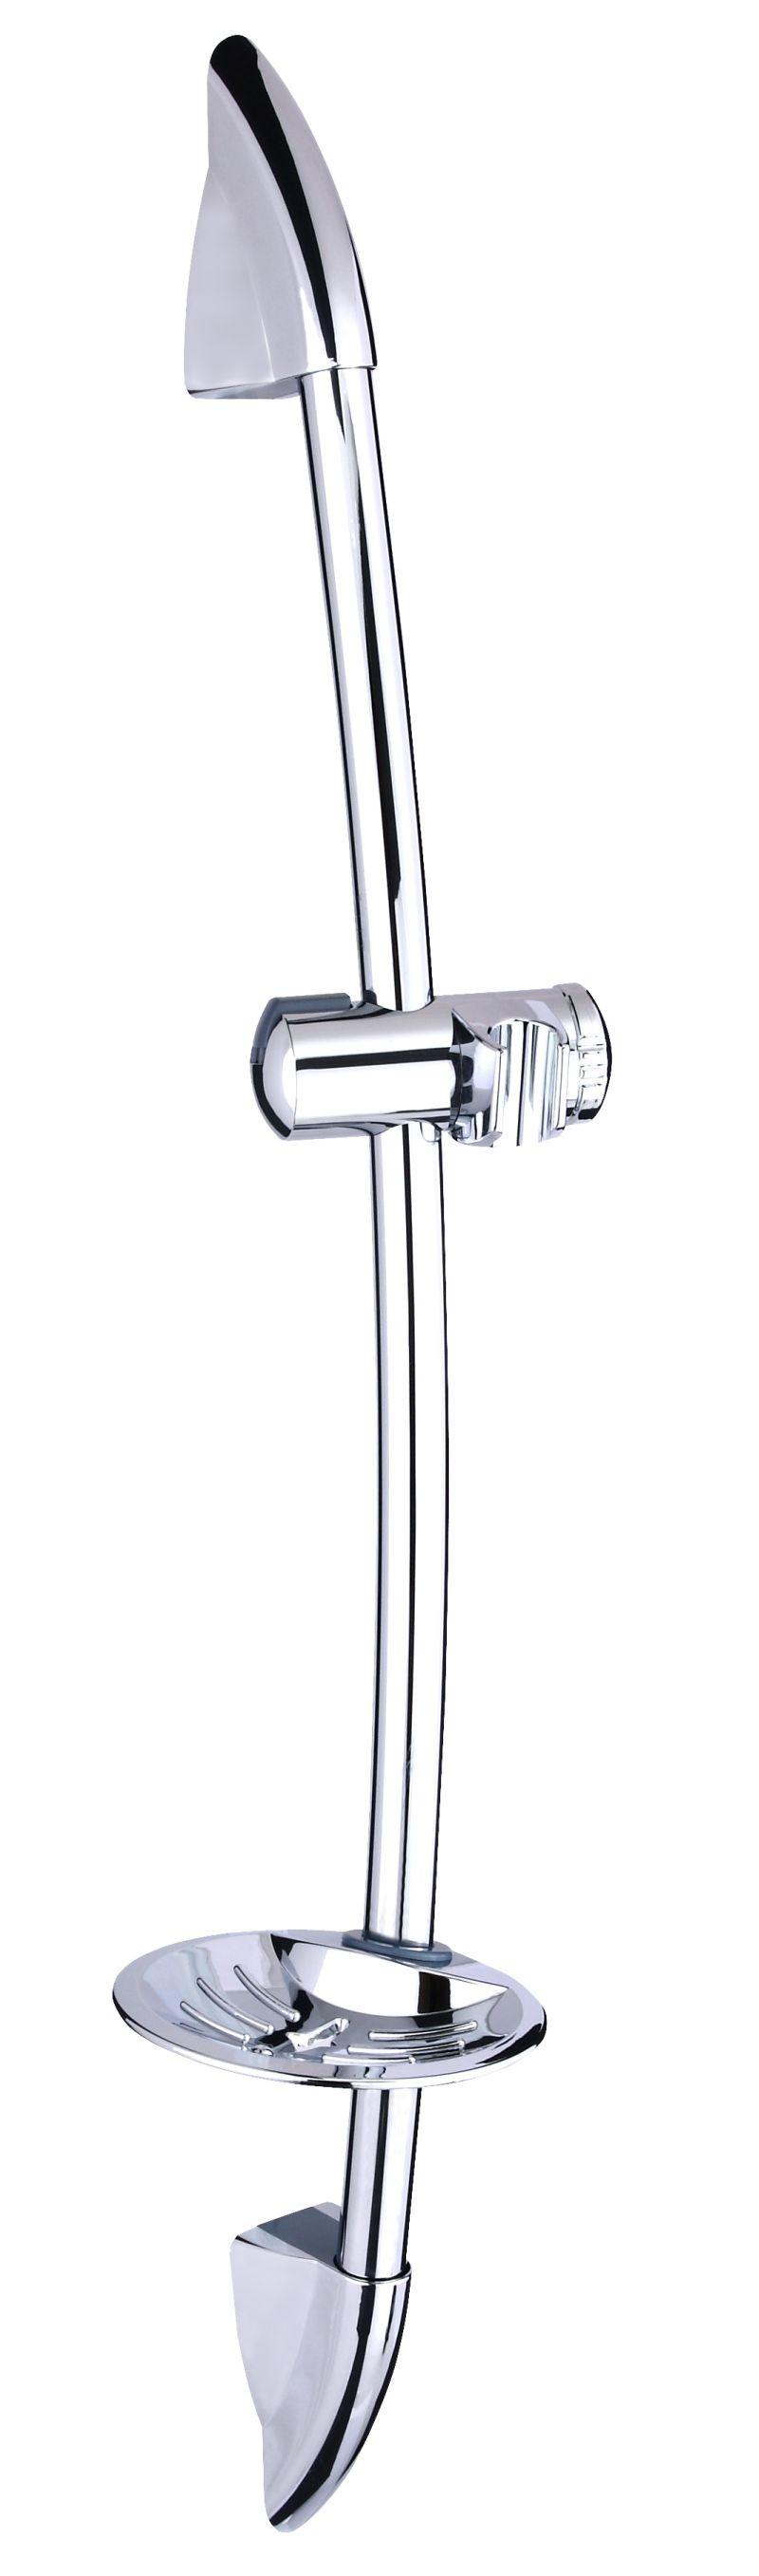 Sprchový set Accord bez příslušenství